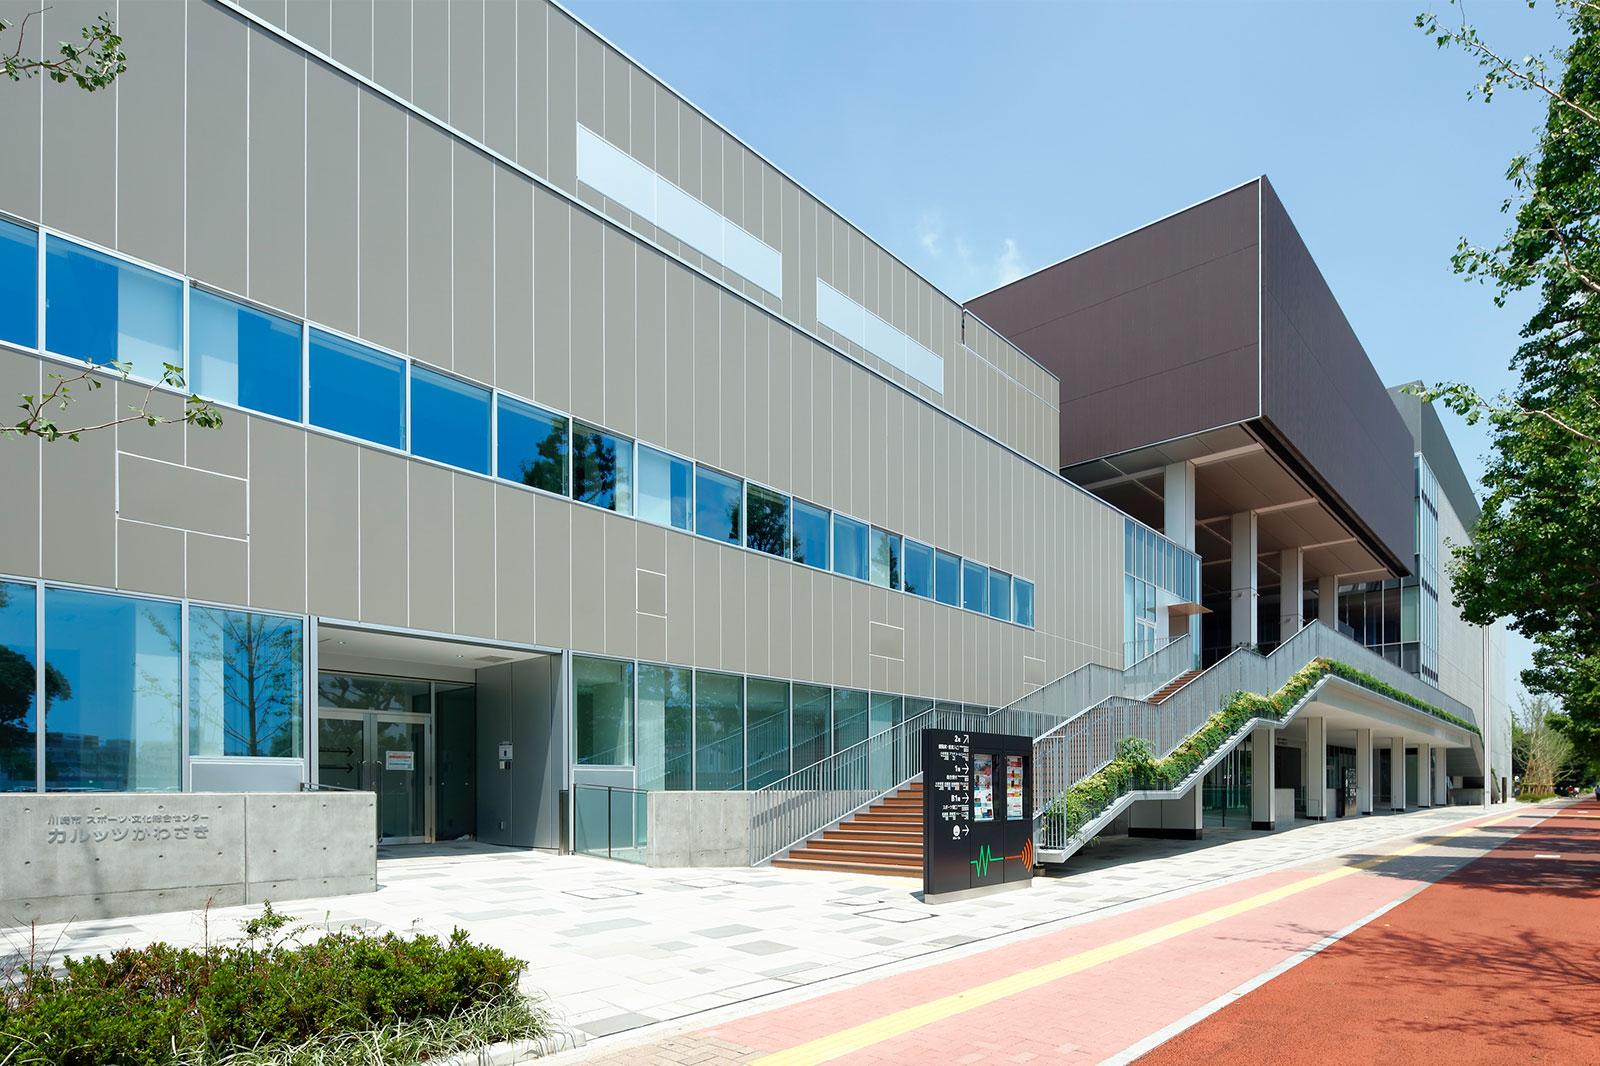 川崎市スポーツ・文化総合センター